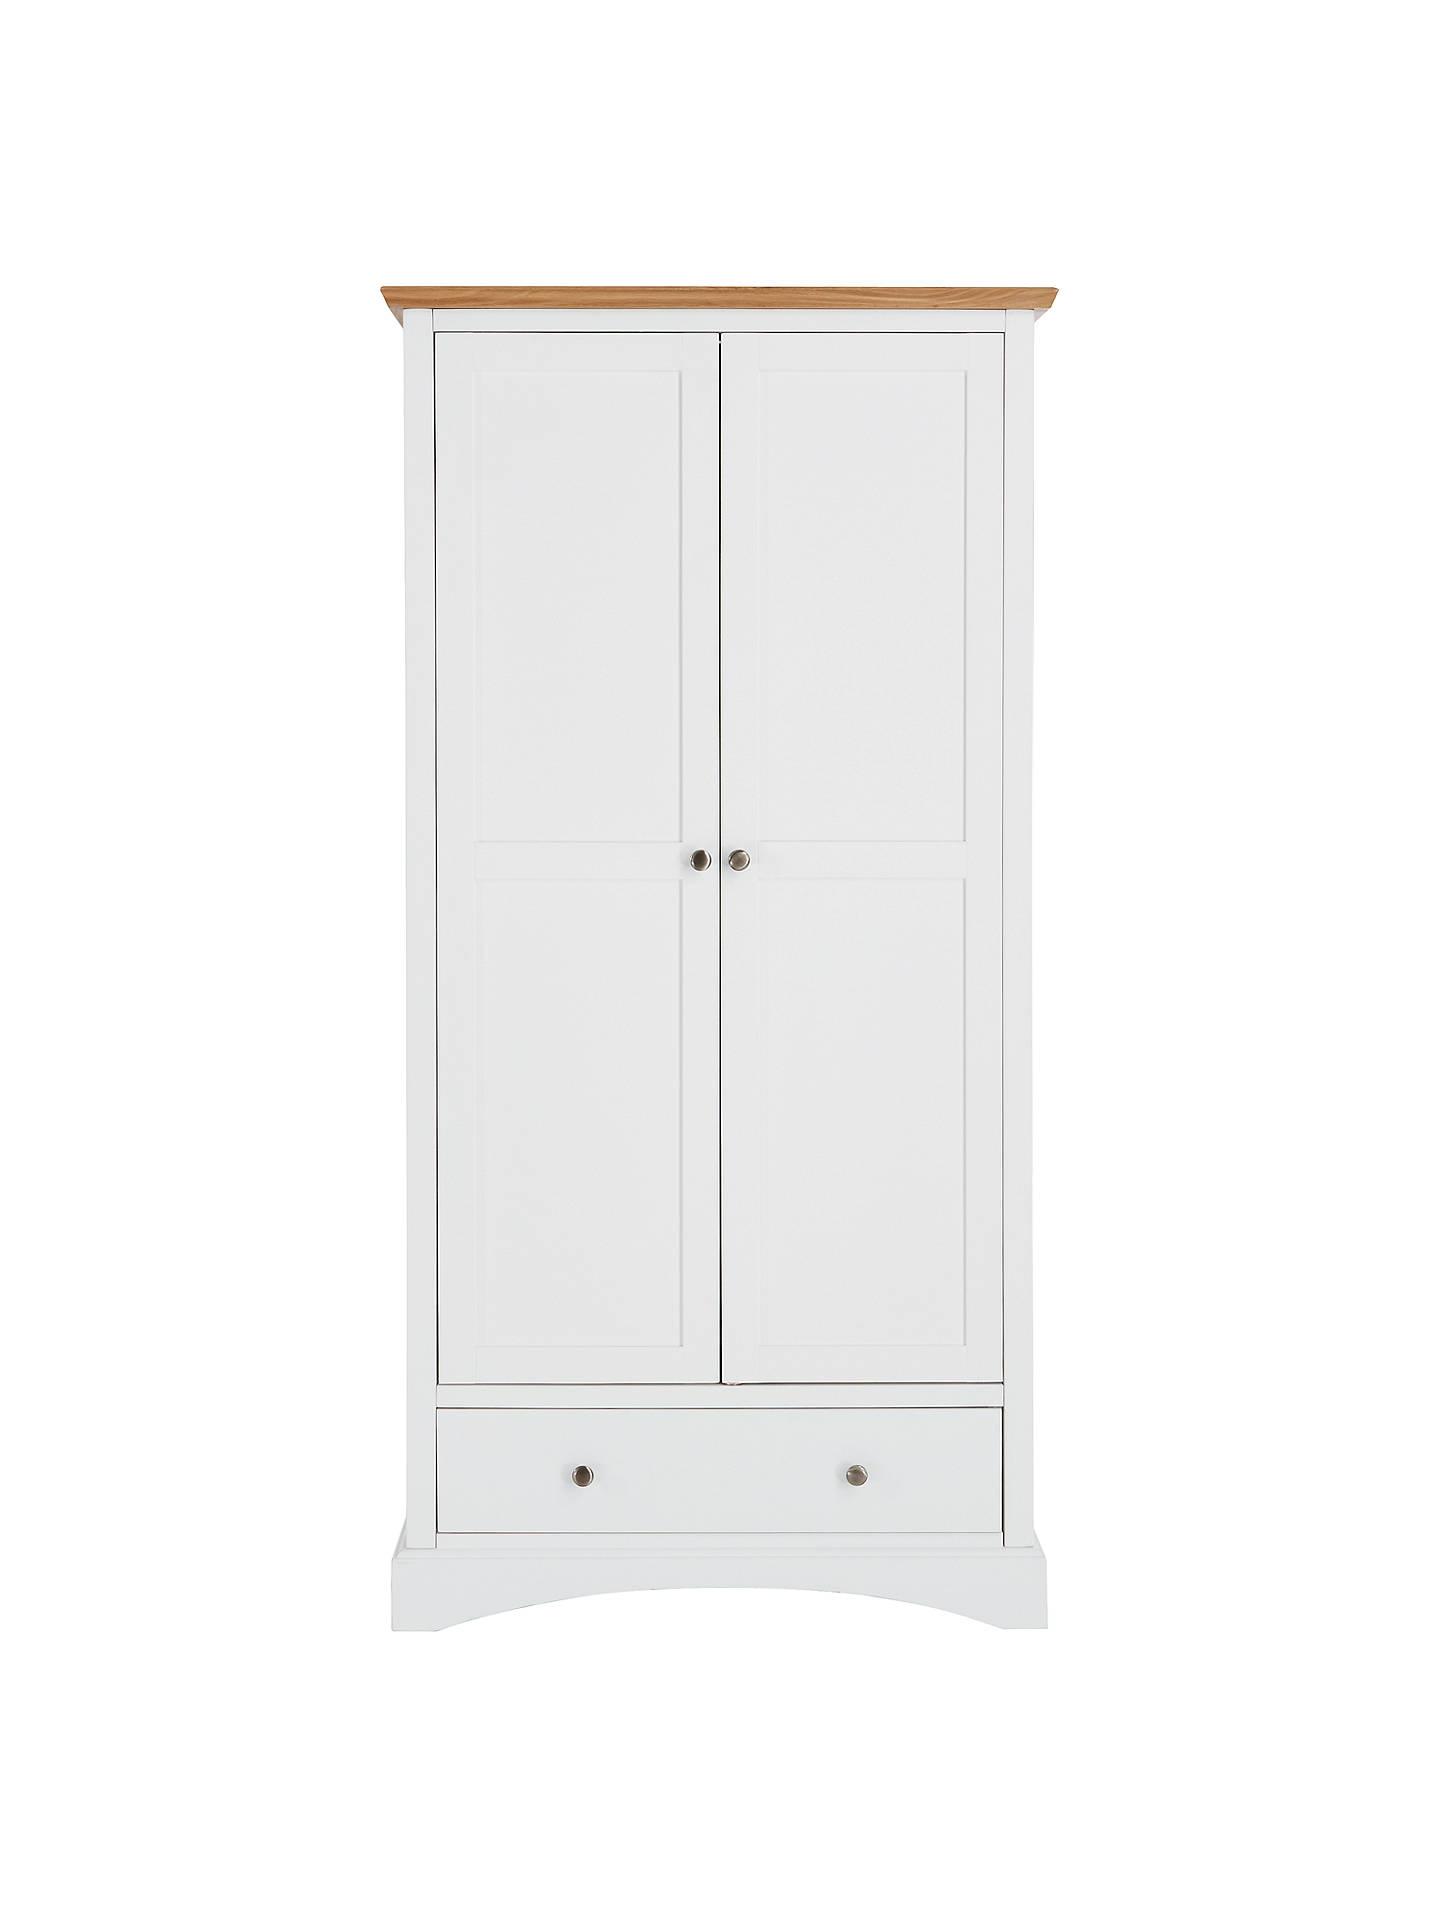 John Lewis Darton 2 Door Wardrobe Soft White Oak Online At Johnlewis